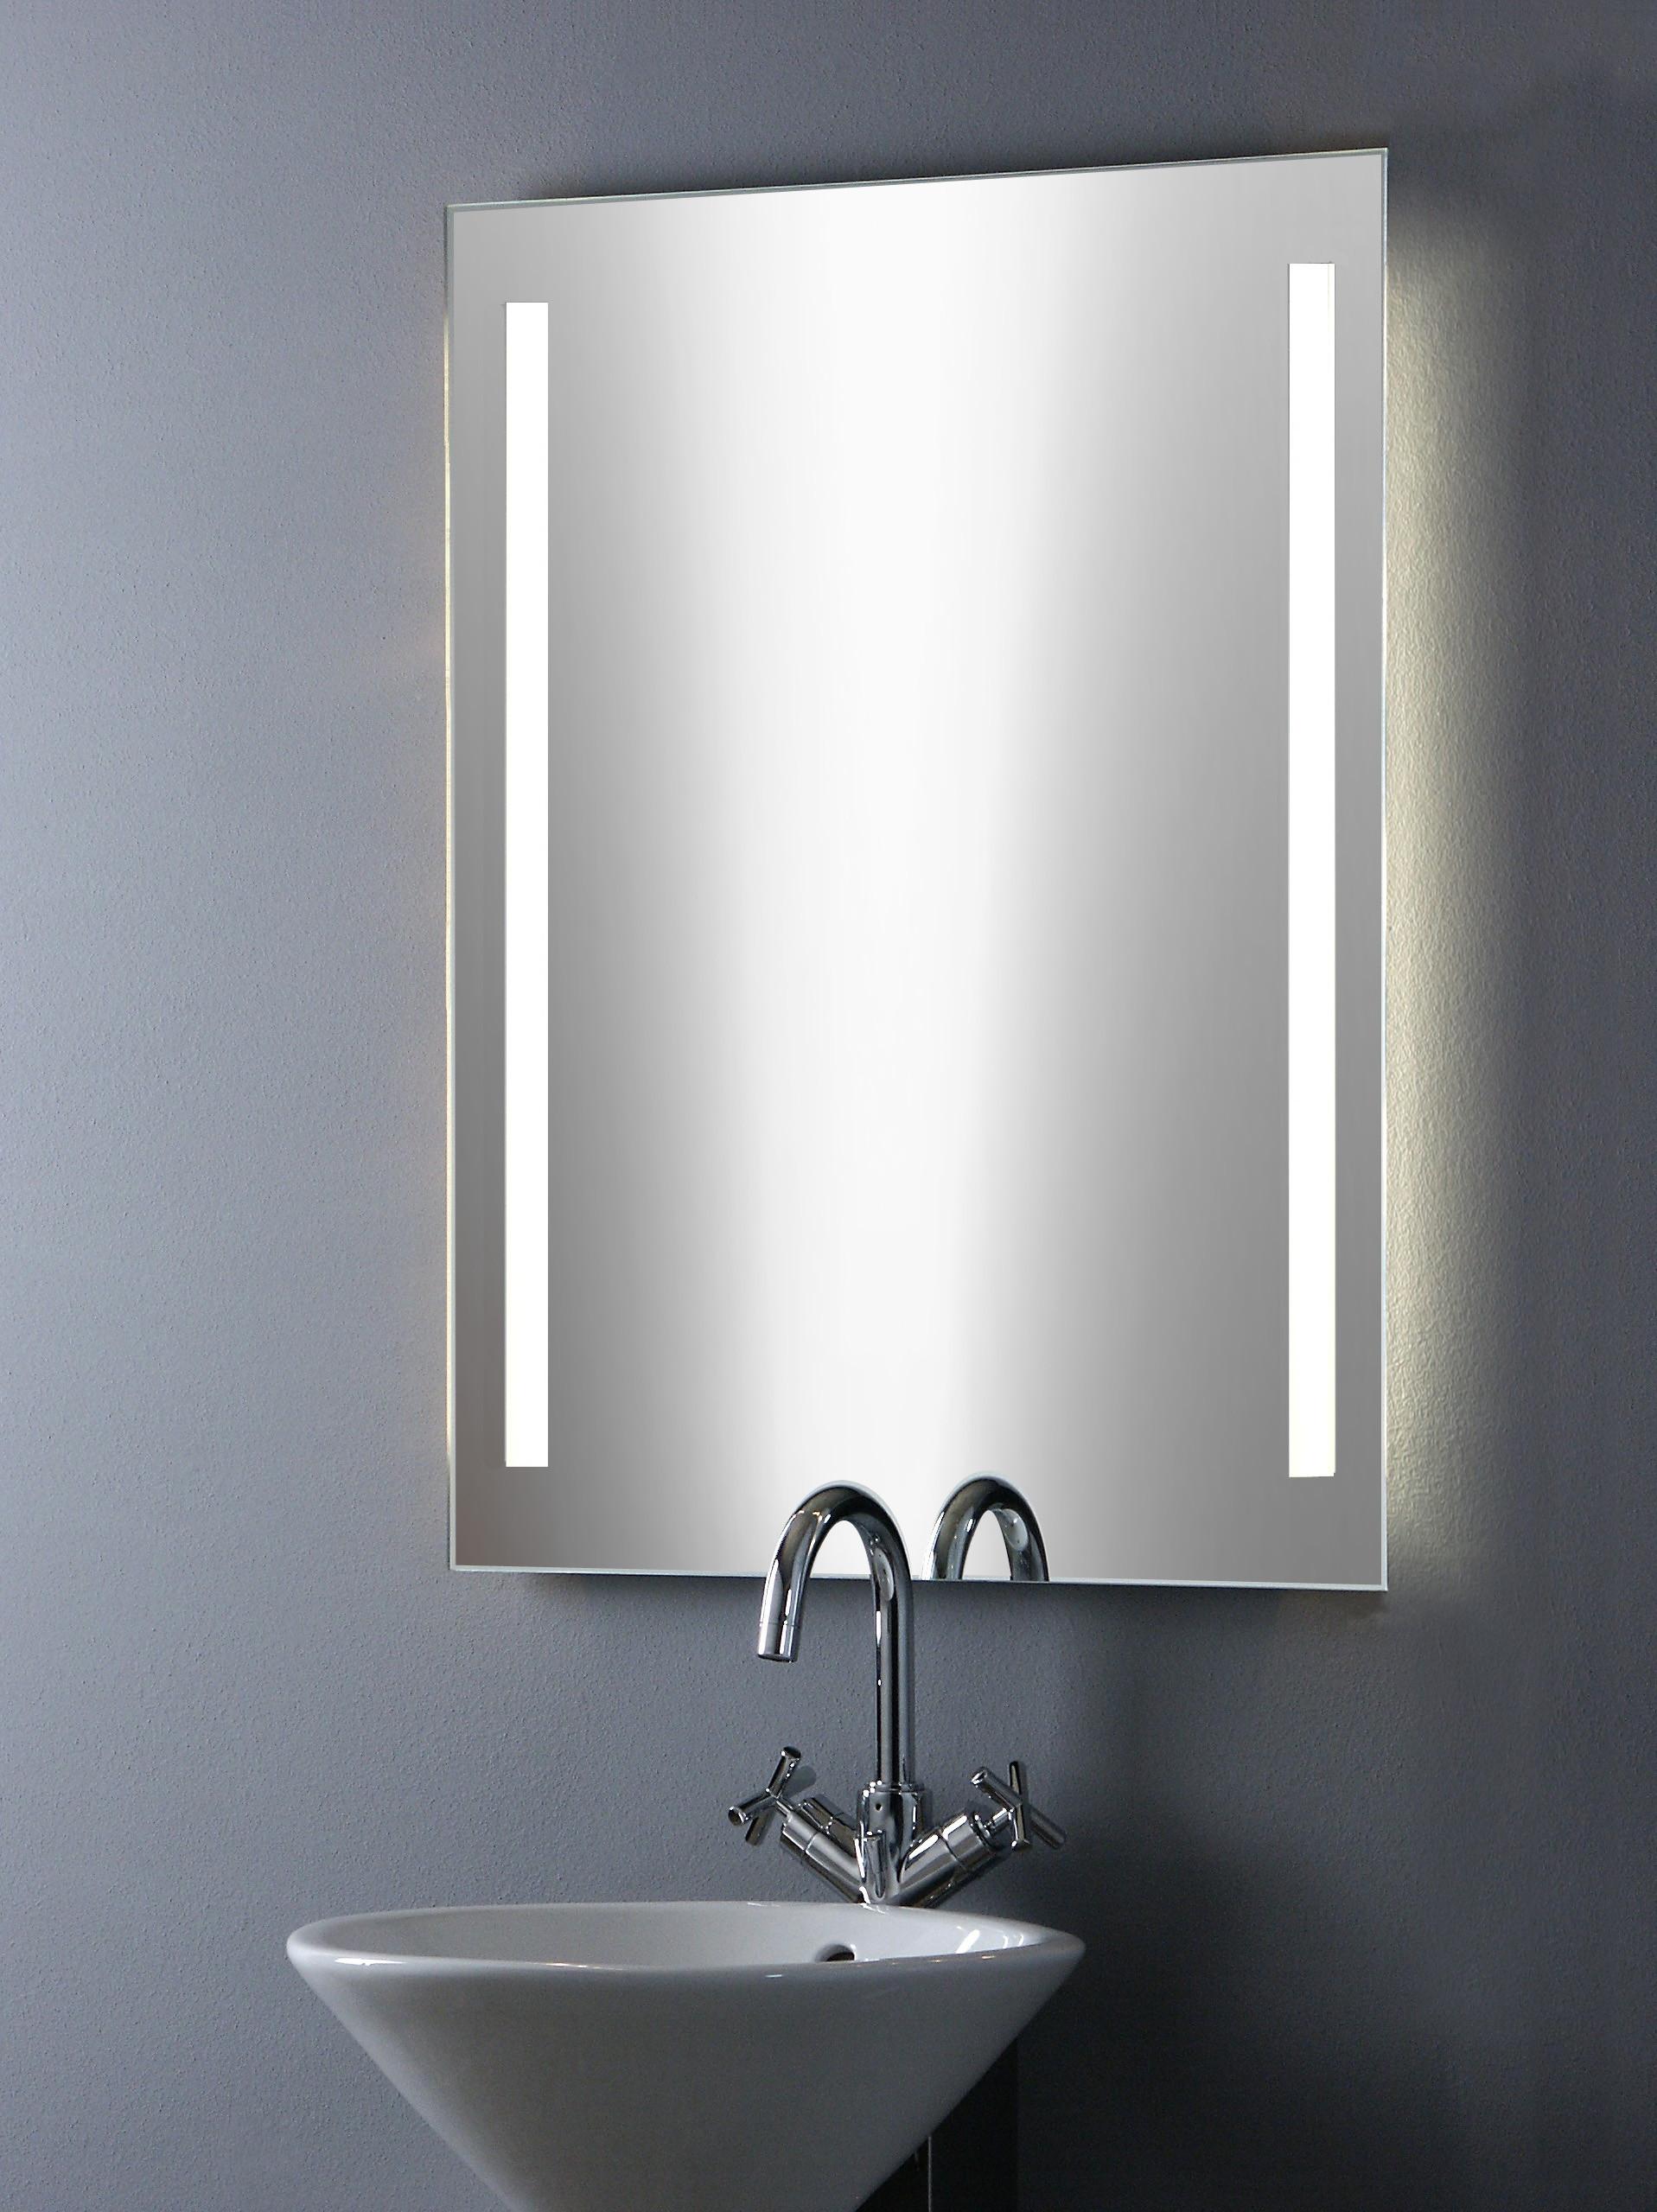 Spiegel Mit Beleuchtung  Badezimmerspiegel mit Beleuchtung